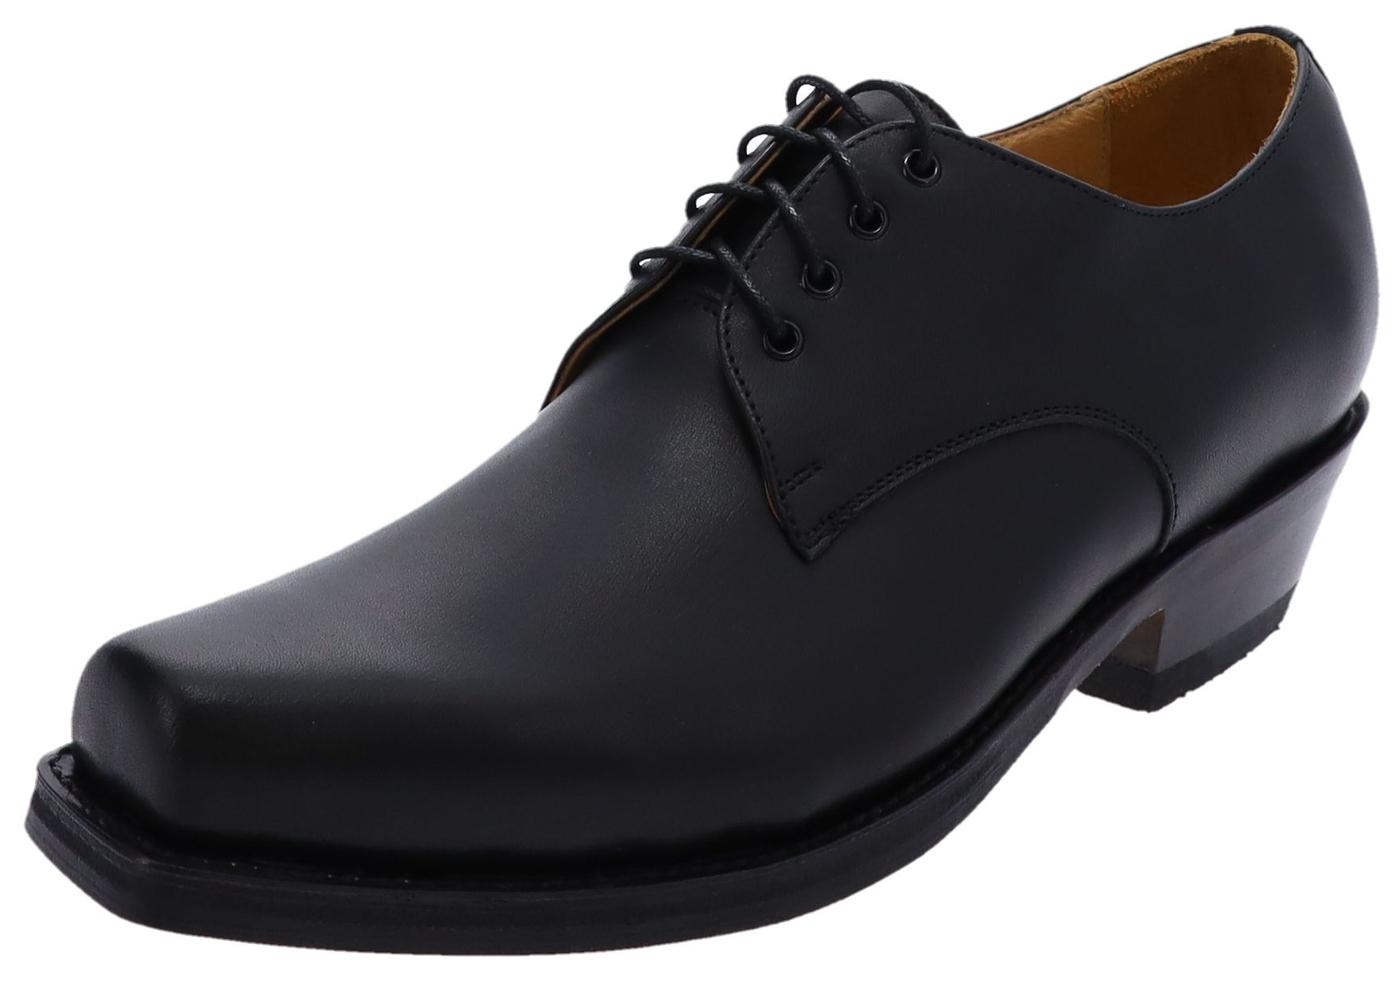 Sendra Boots 5717 Negro Western Halbschuh - schwarz